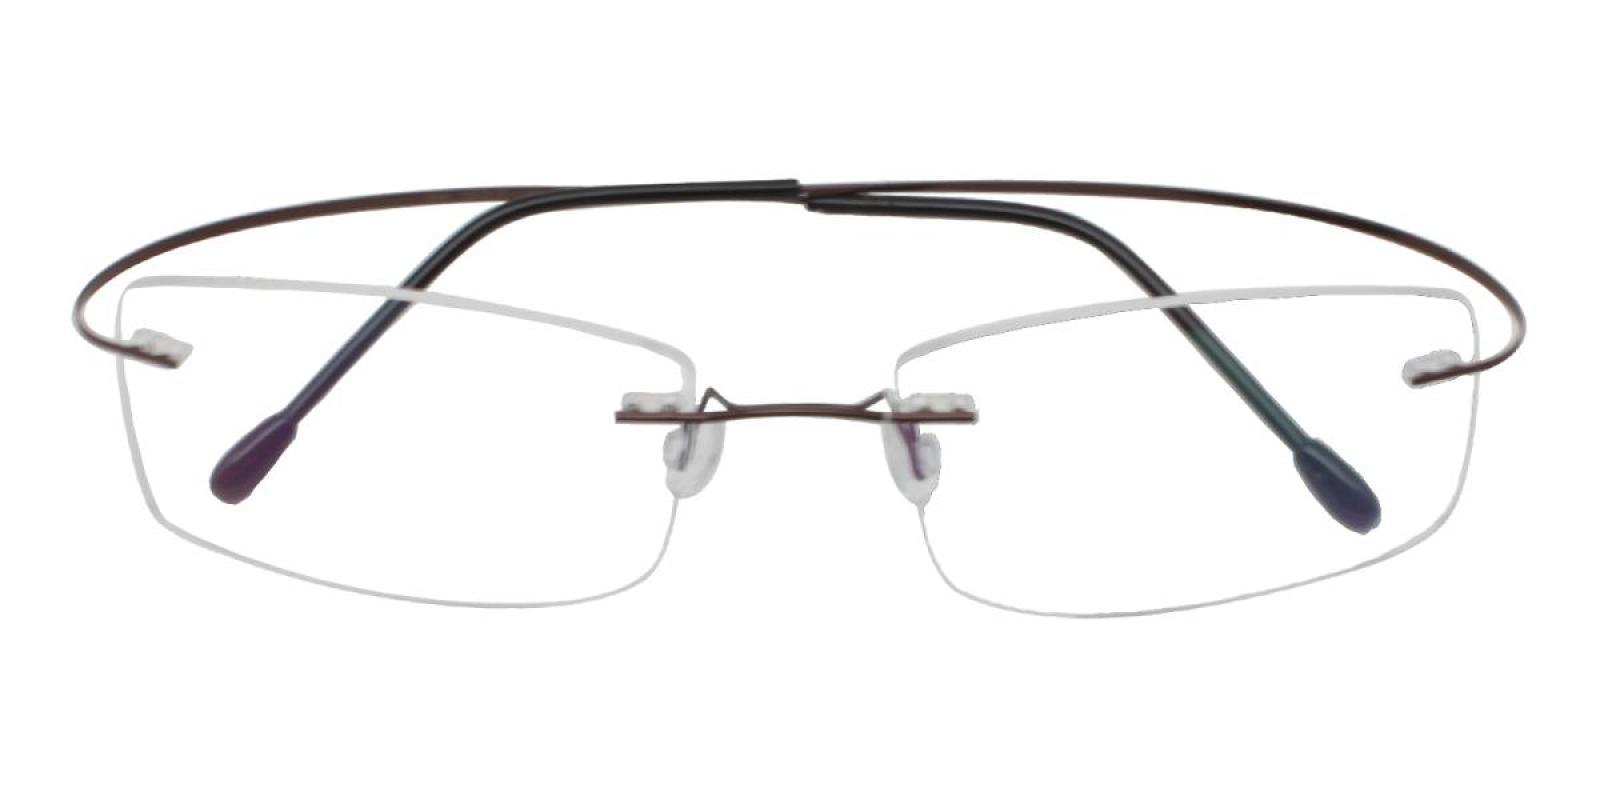 Slimly-Brown-Varieties-Memory / Metal-Eyeglasses-detail